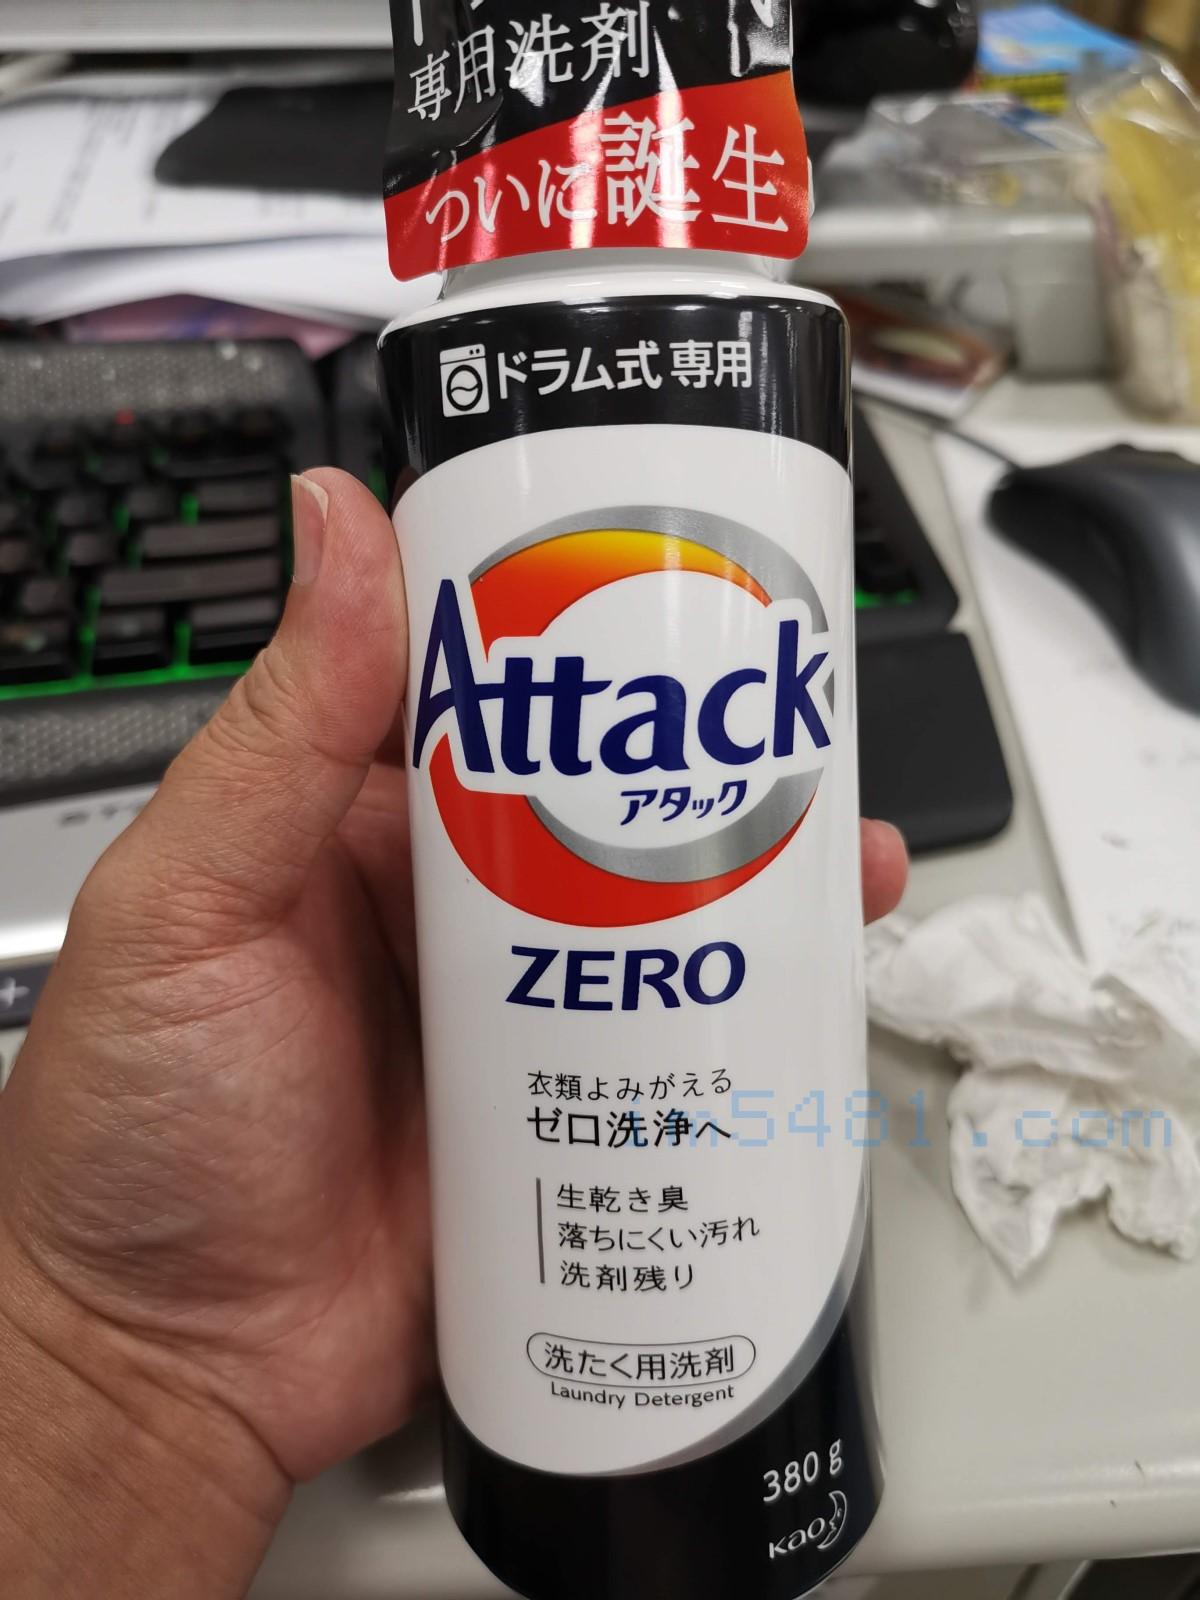 日本花王 Attack ZERO強效去漬抗菌洗衣精 (滾筒式洗衣機專用)簡單使用心得